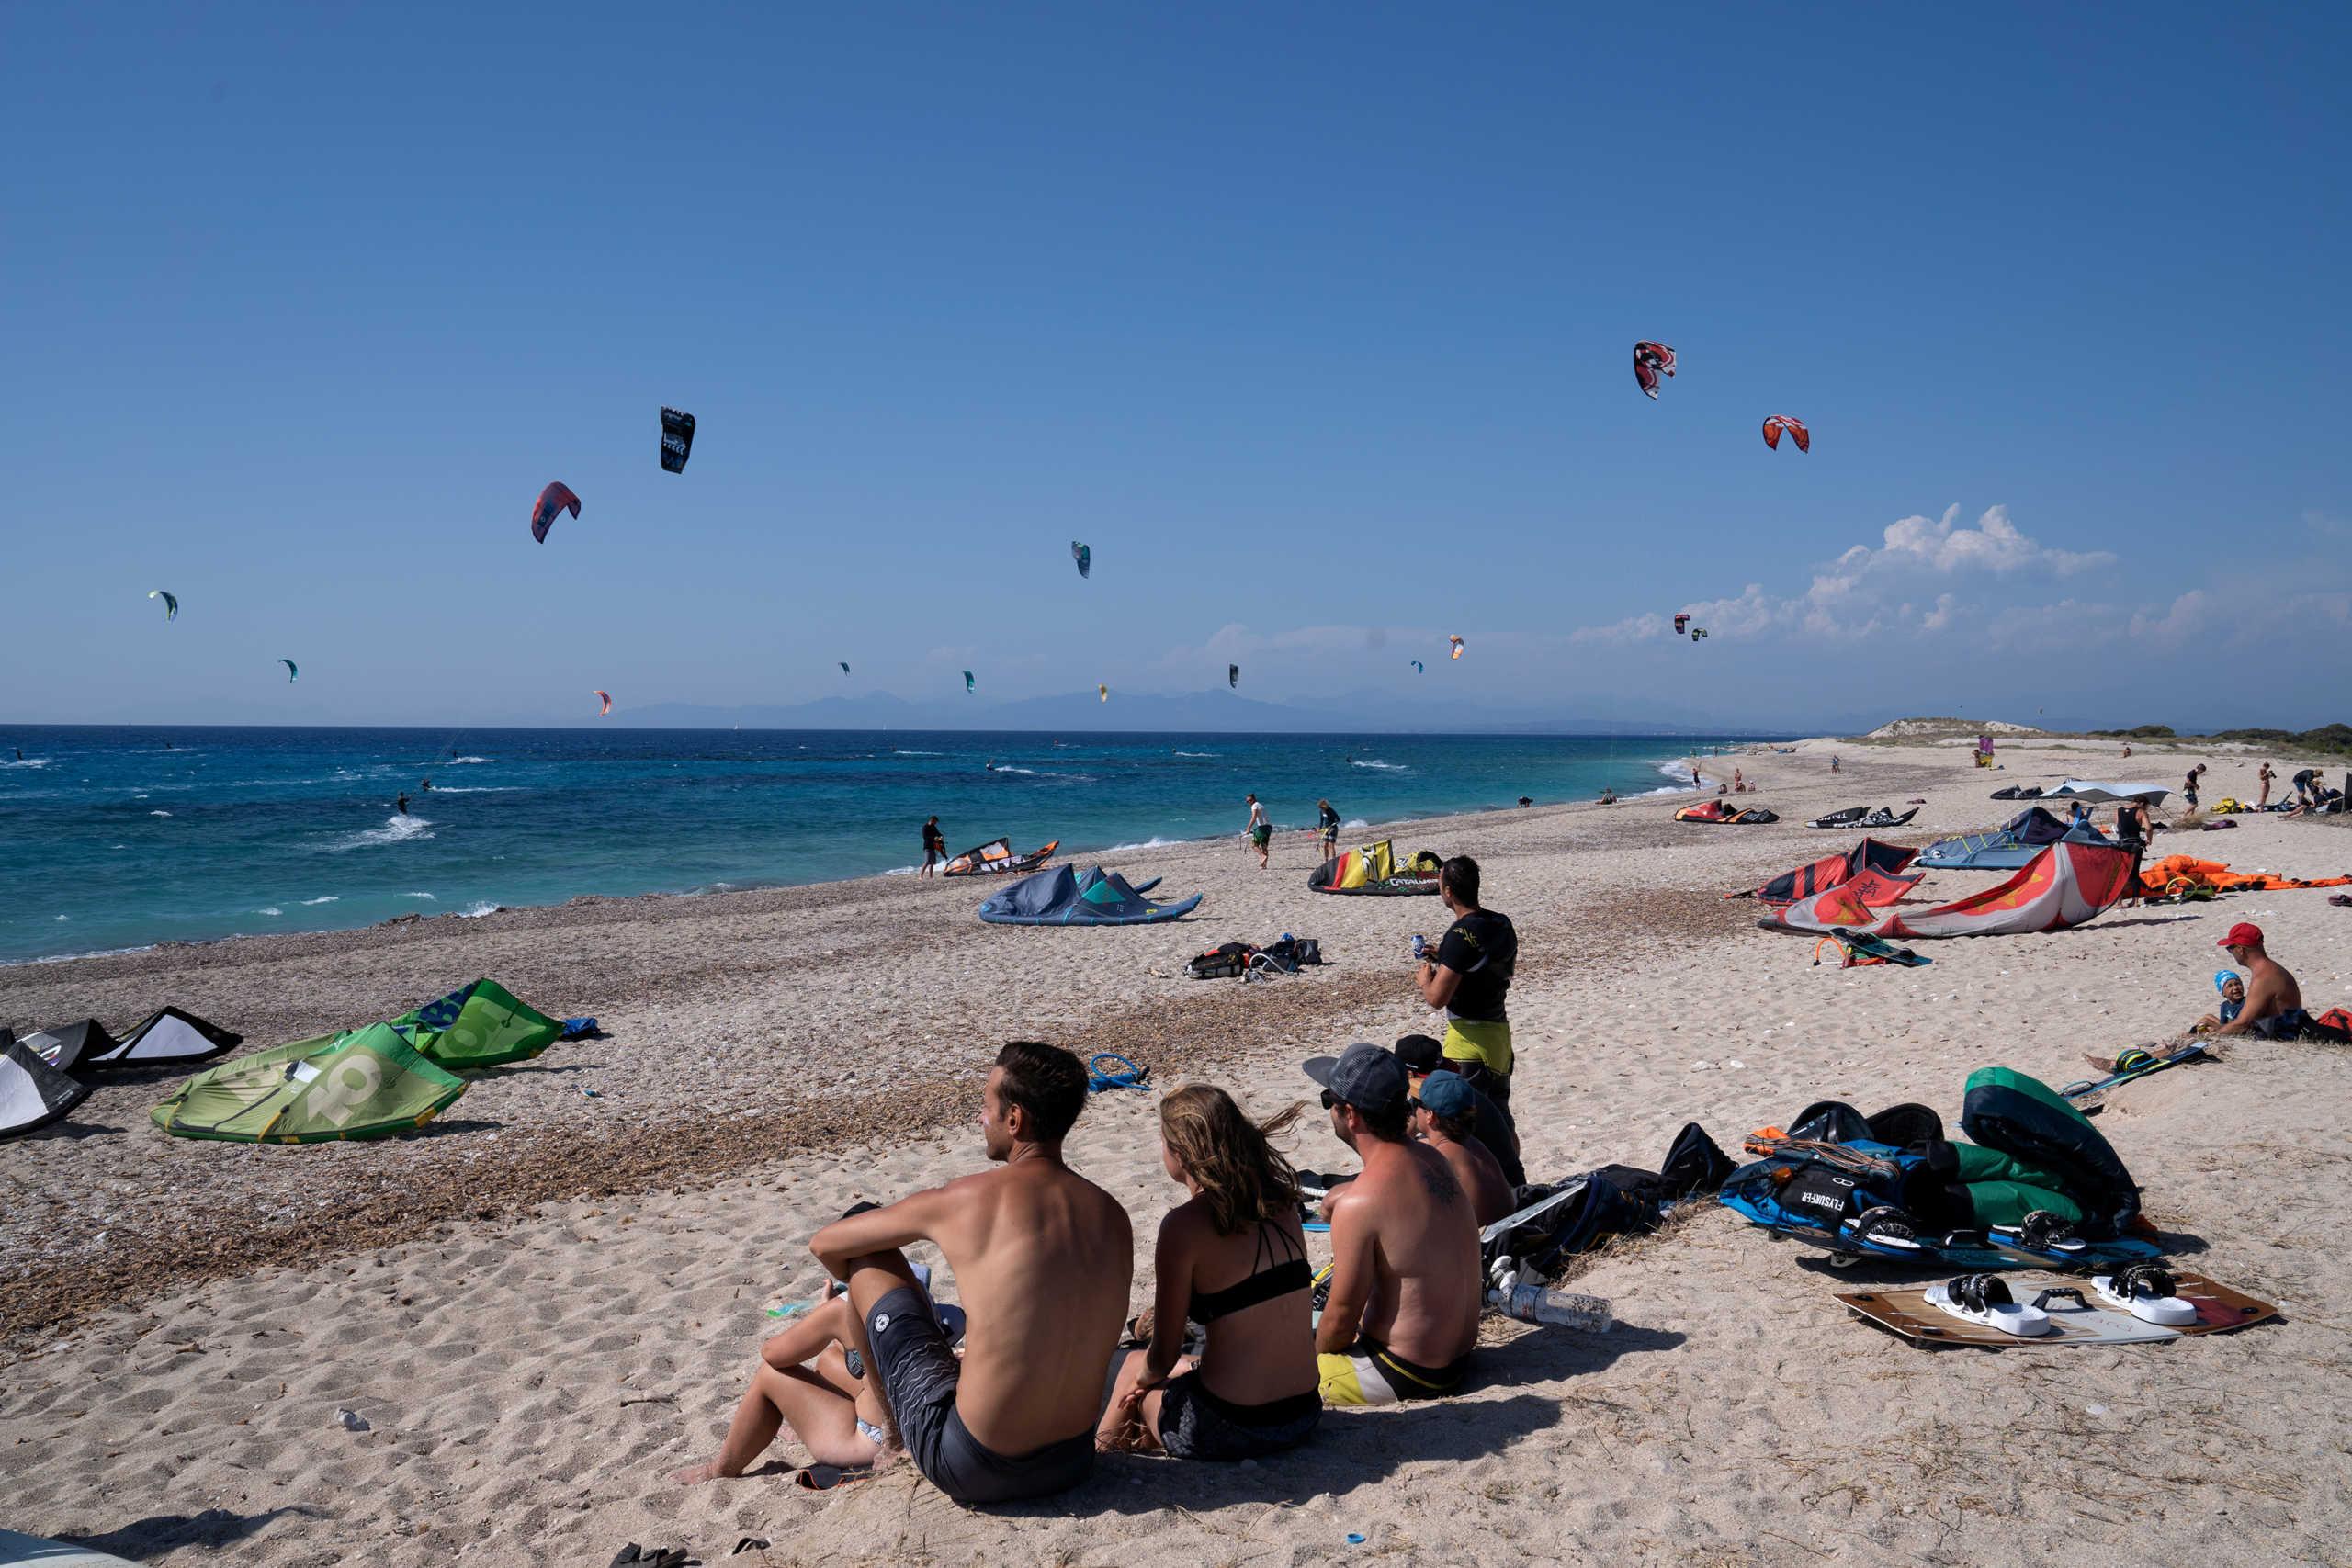 Καιρός σήμερα: Ζέστη με 36αρια και βοριάδες στο Αιγαίο